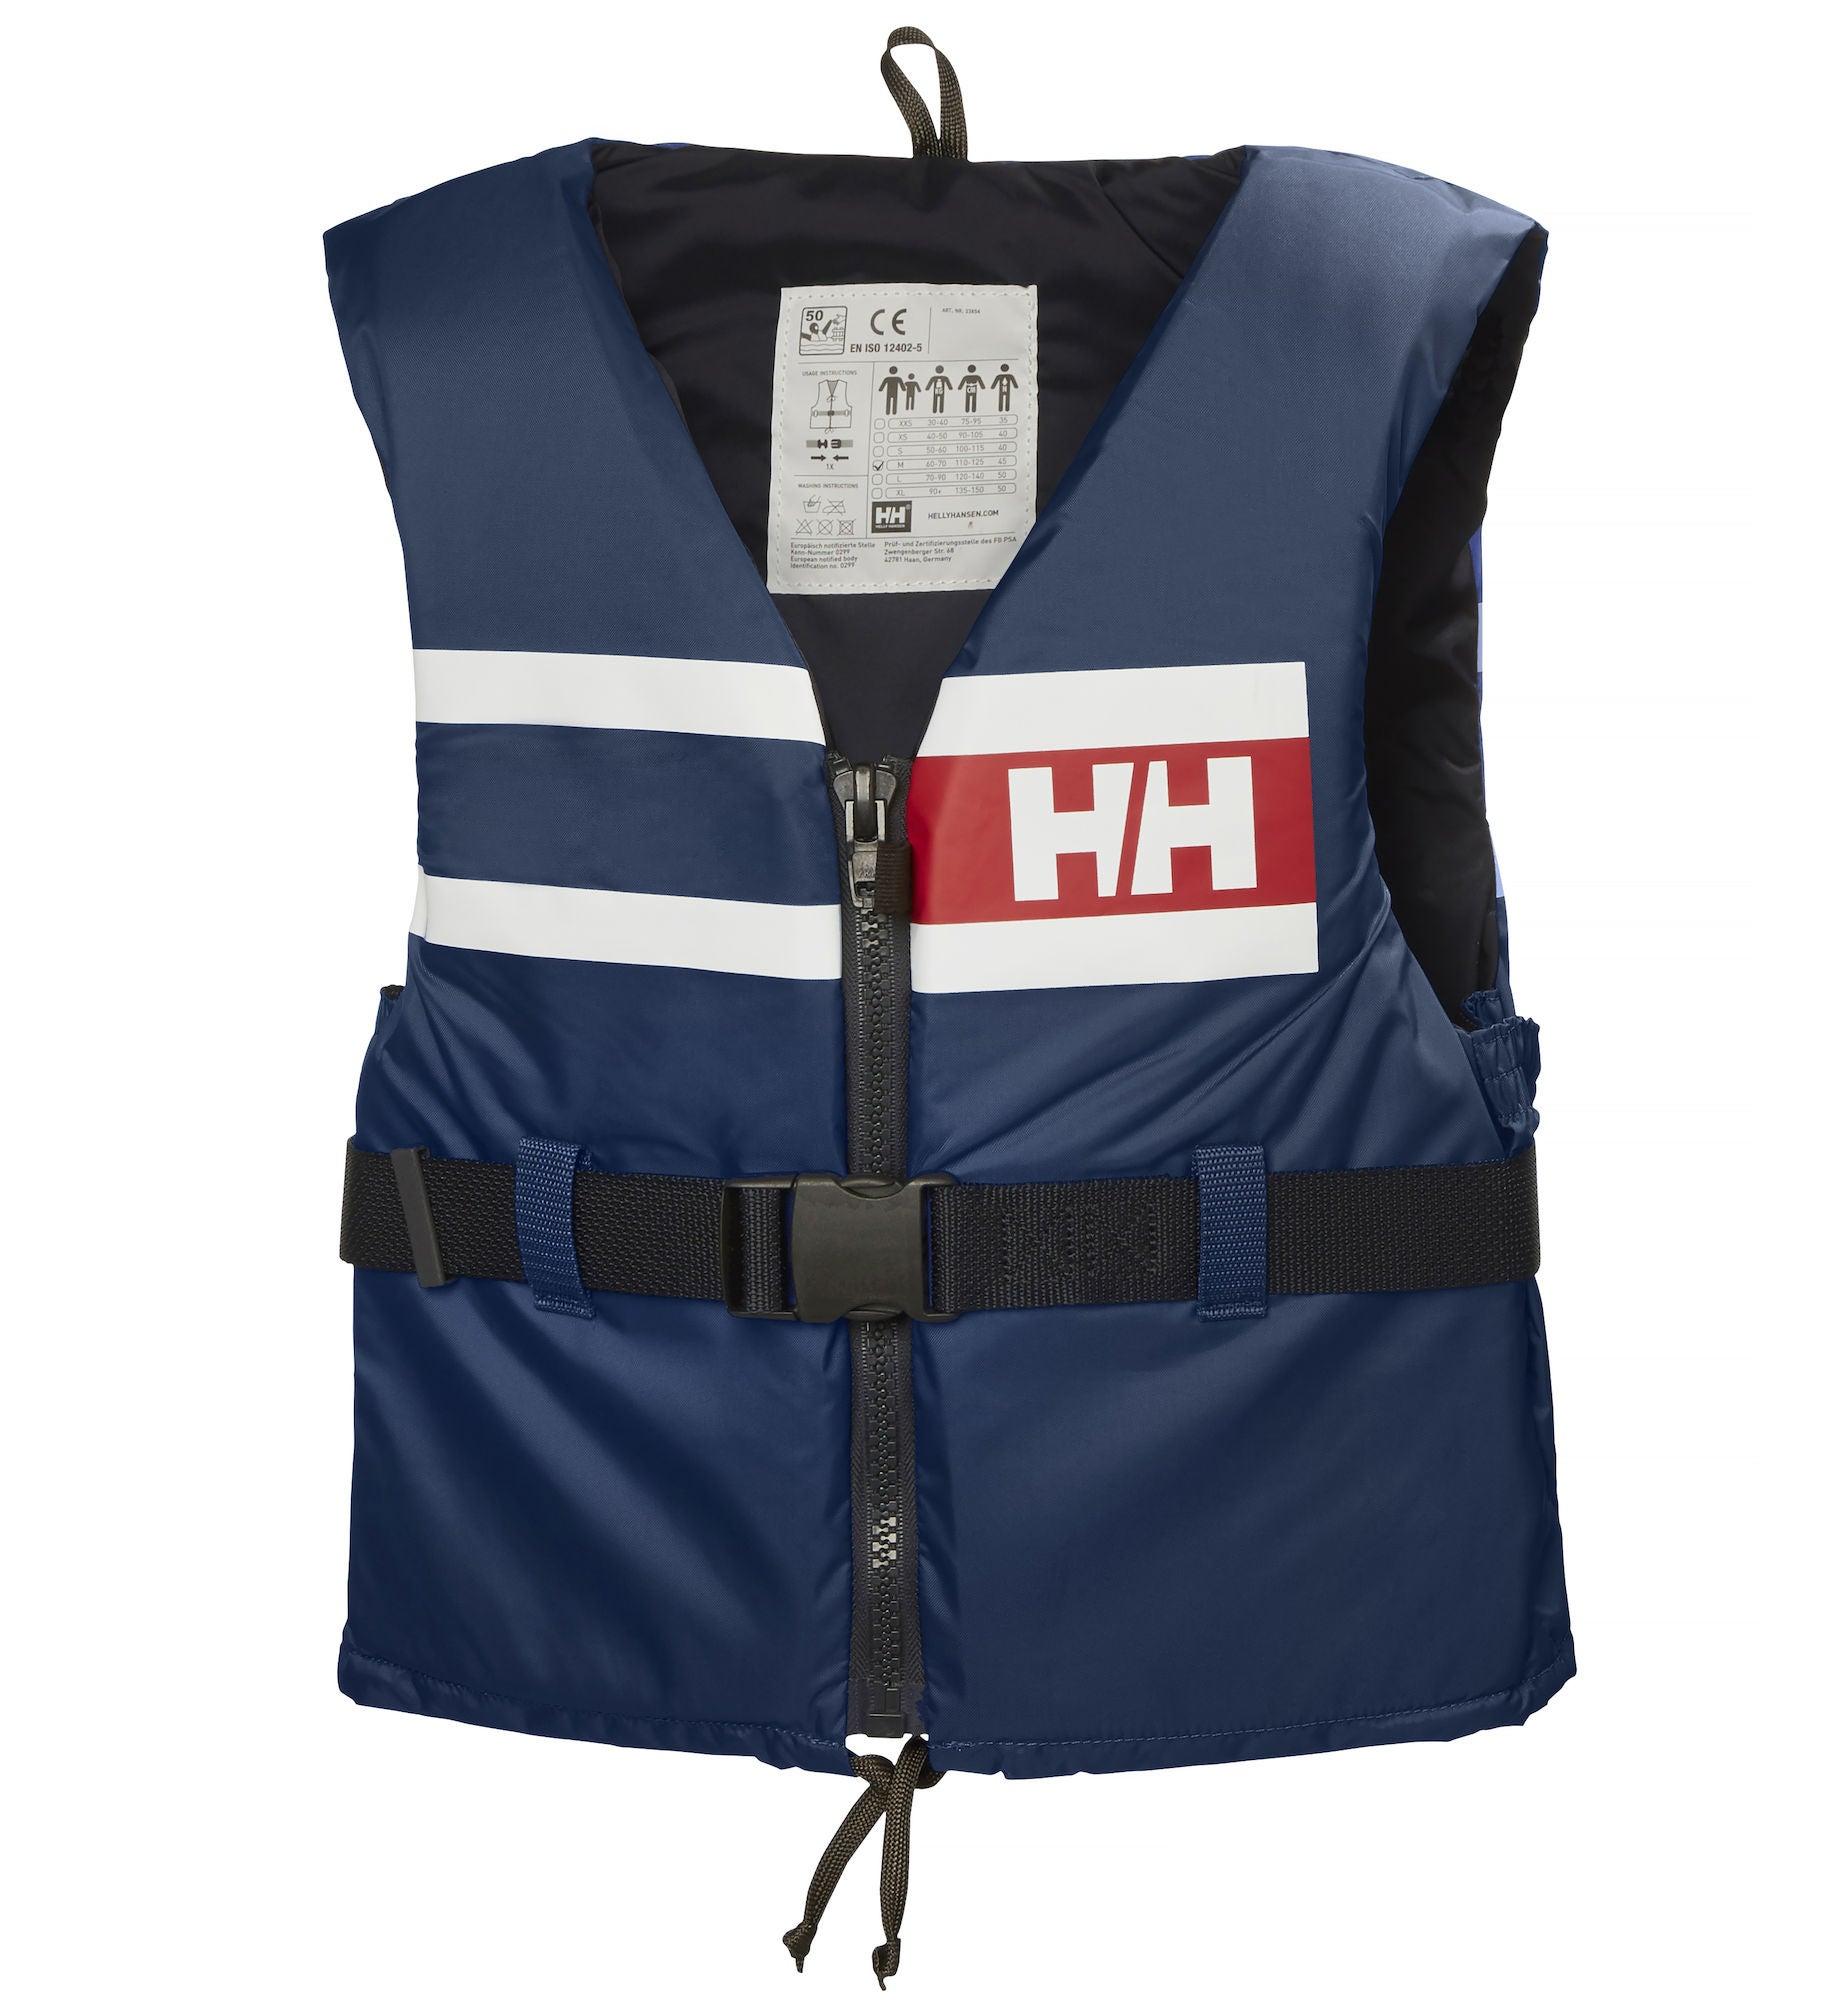 Helly Hansen Flytväst Sport Comfort, Blå 60-70 kg